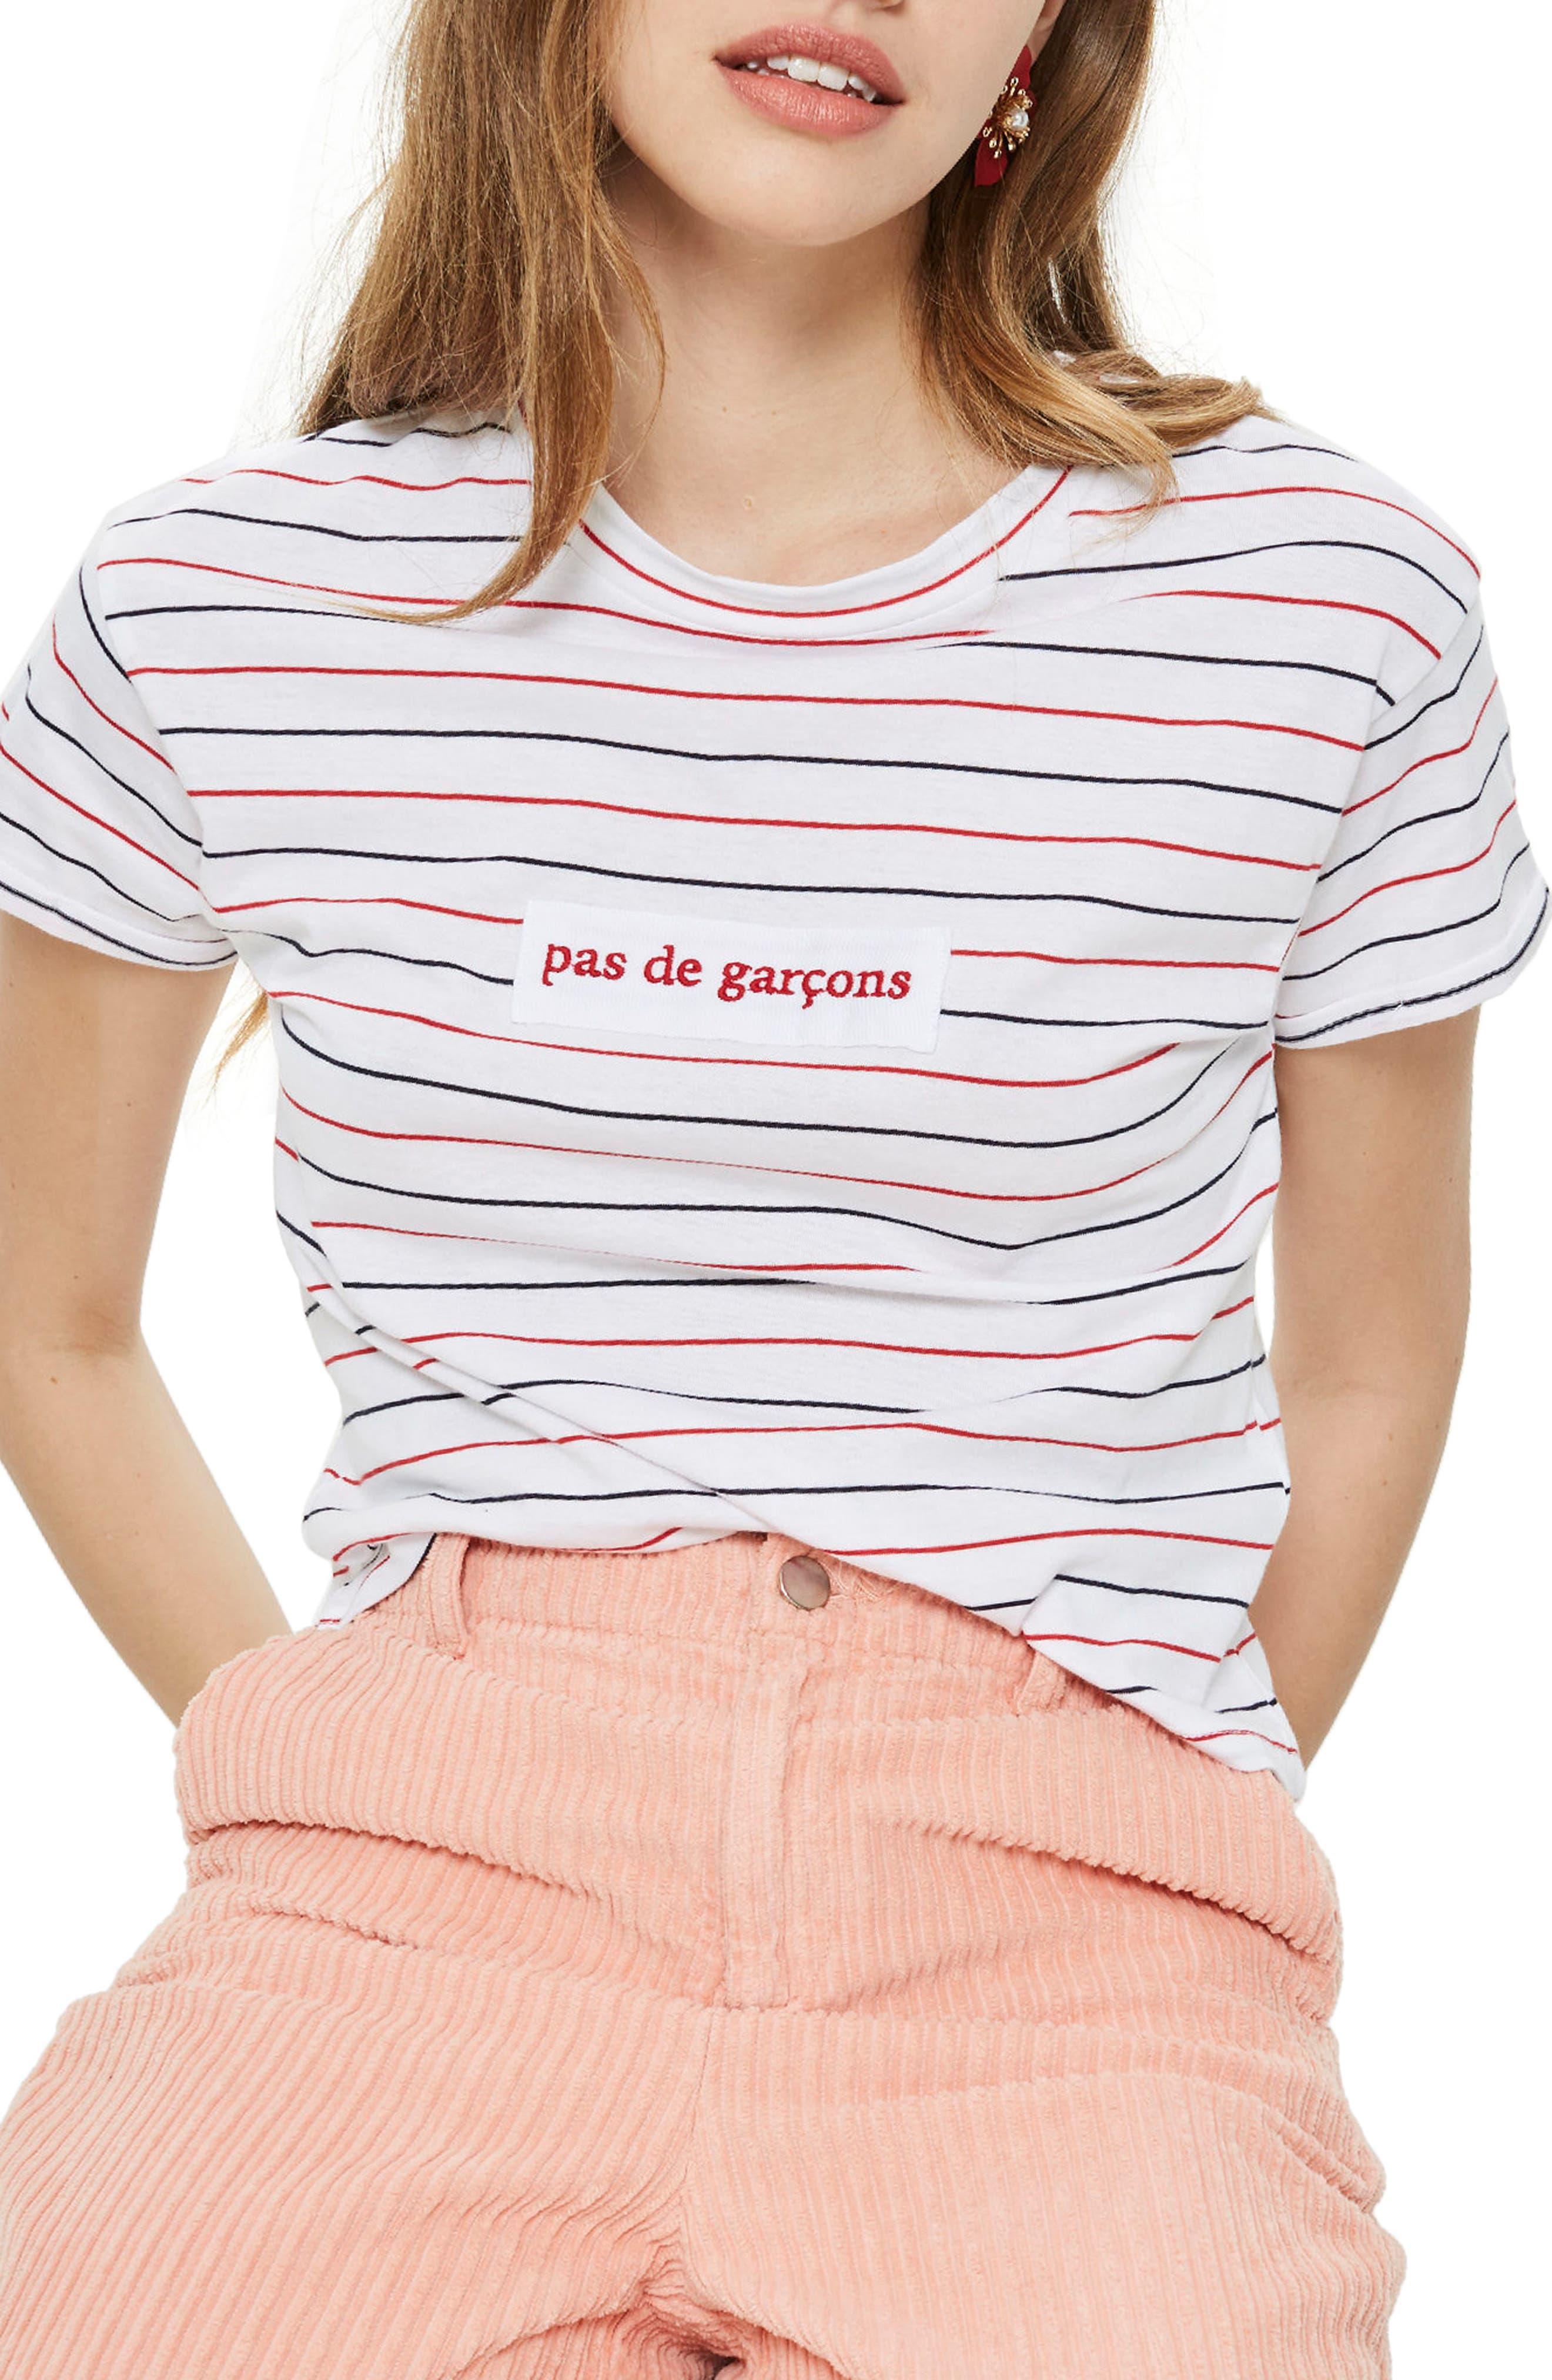 Pas De Garcons Stripe T-Shirt,                             Main thumbnail 1, color,                             White